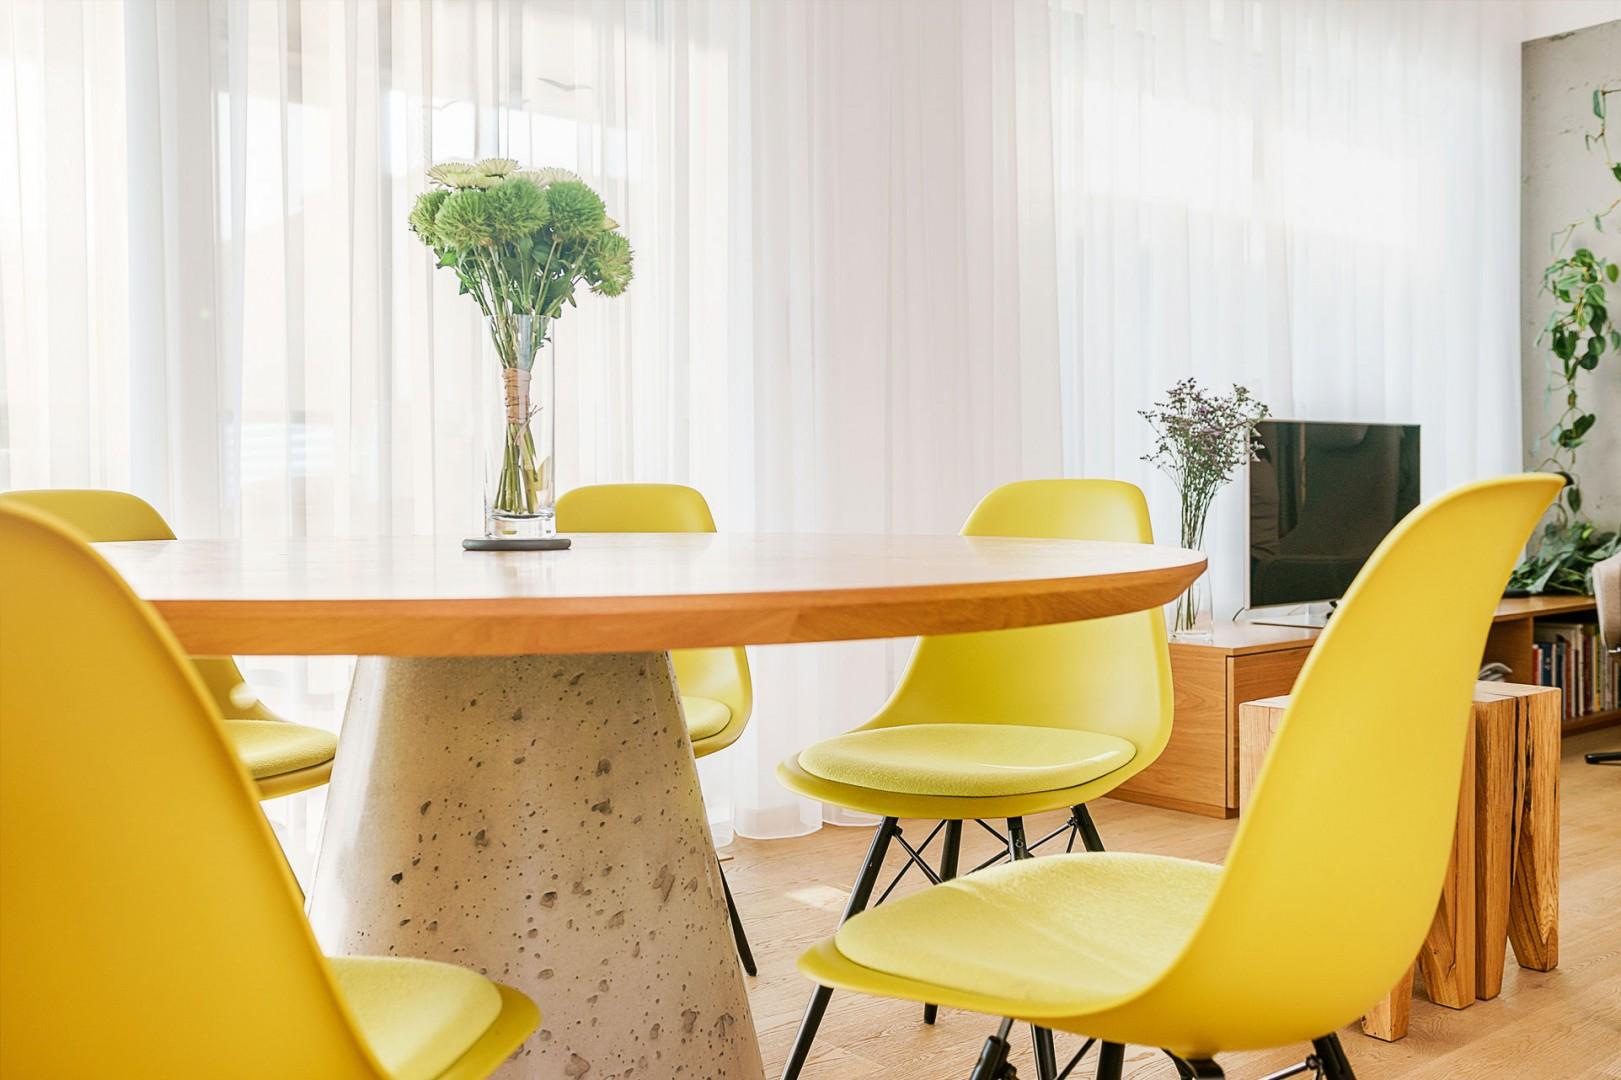 realizacia interieru rodinneho domu - vyroba kuchyne a jedalne na mieru